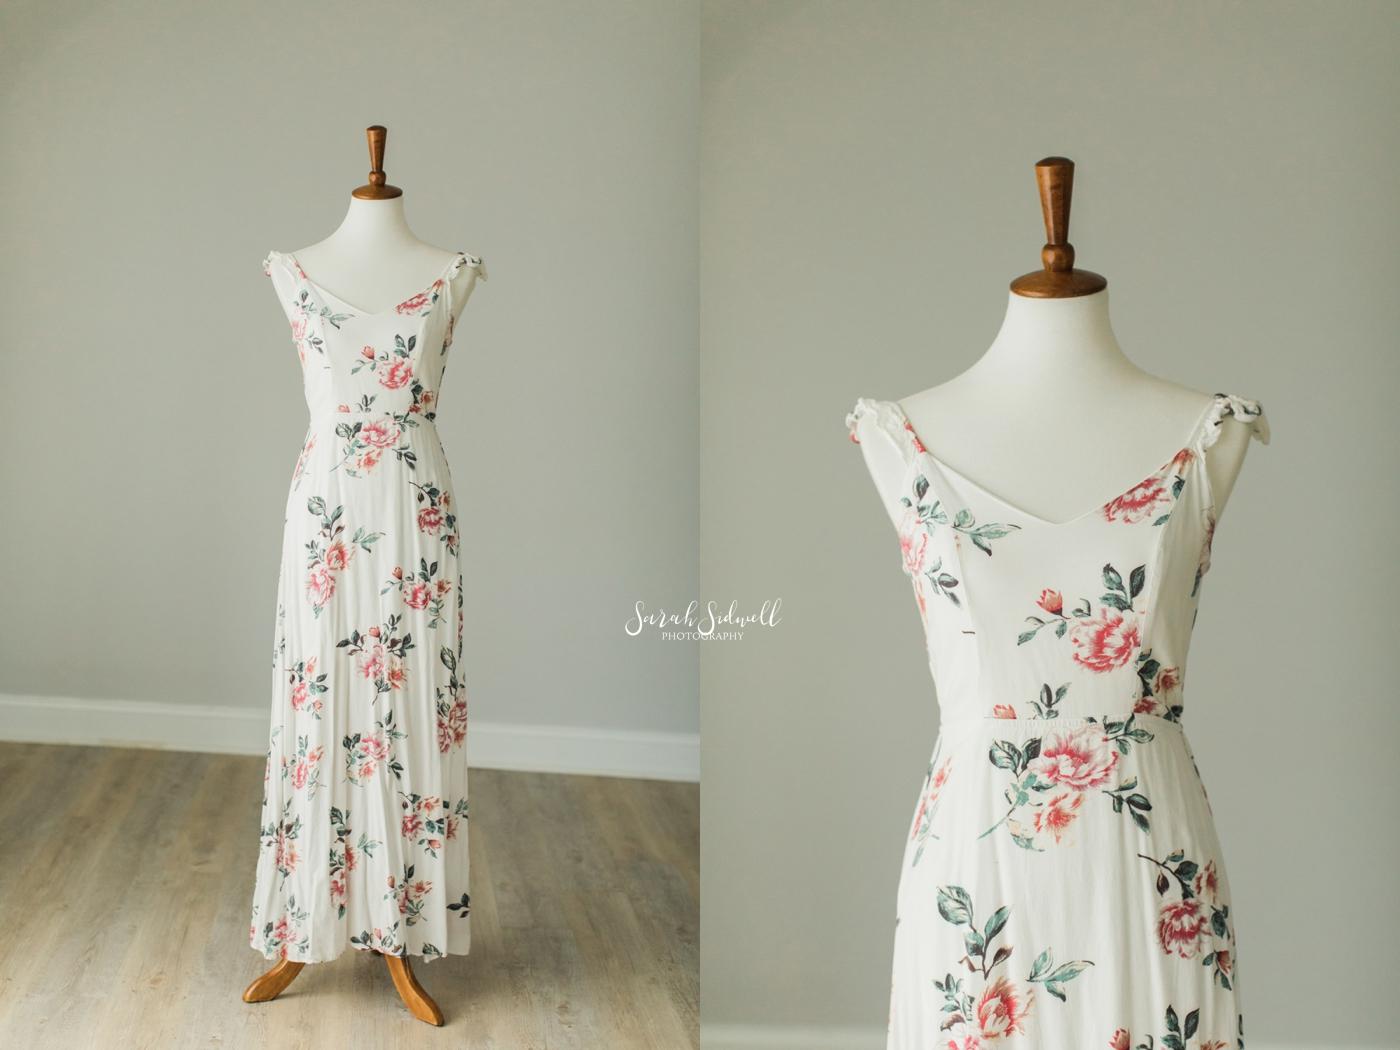 Studio Wardrobe for Mammas